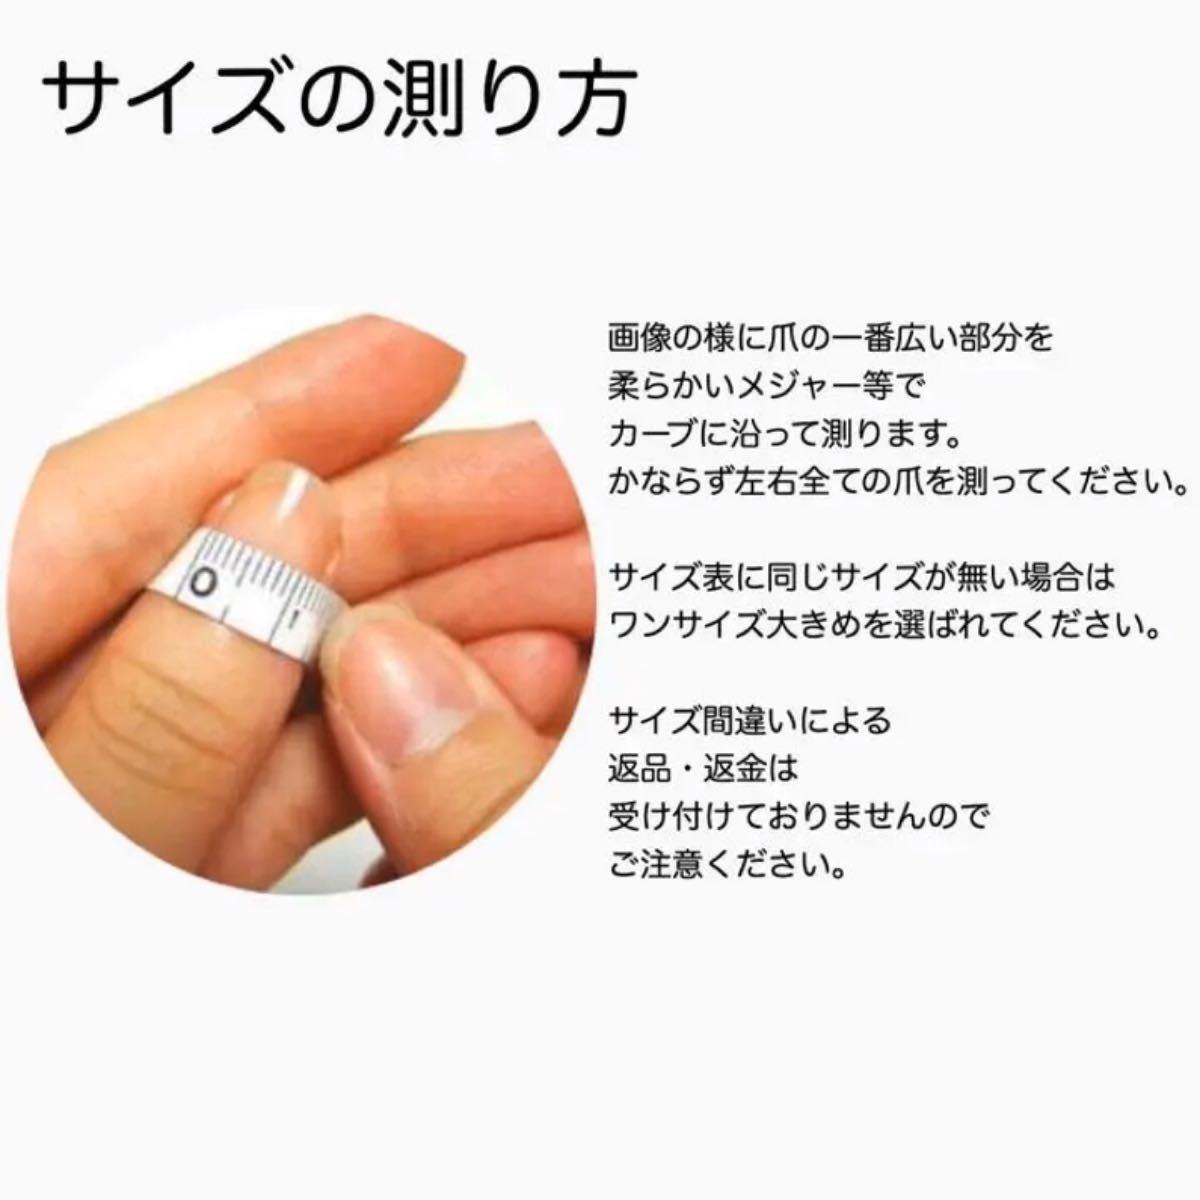 【即購入可能】 No.12 シンプル オールミラーネイル シルバー